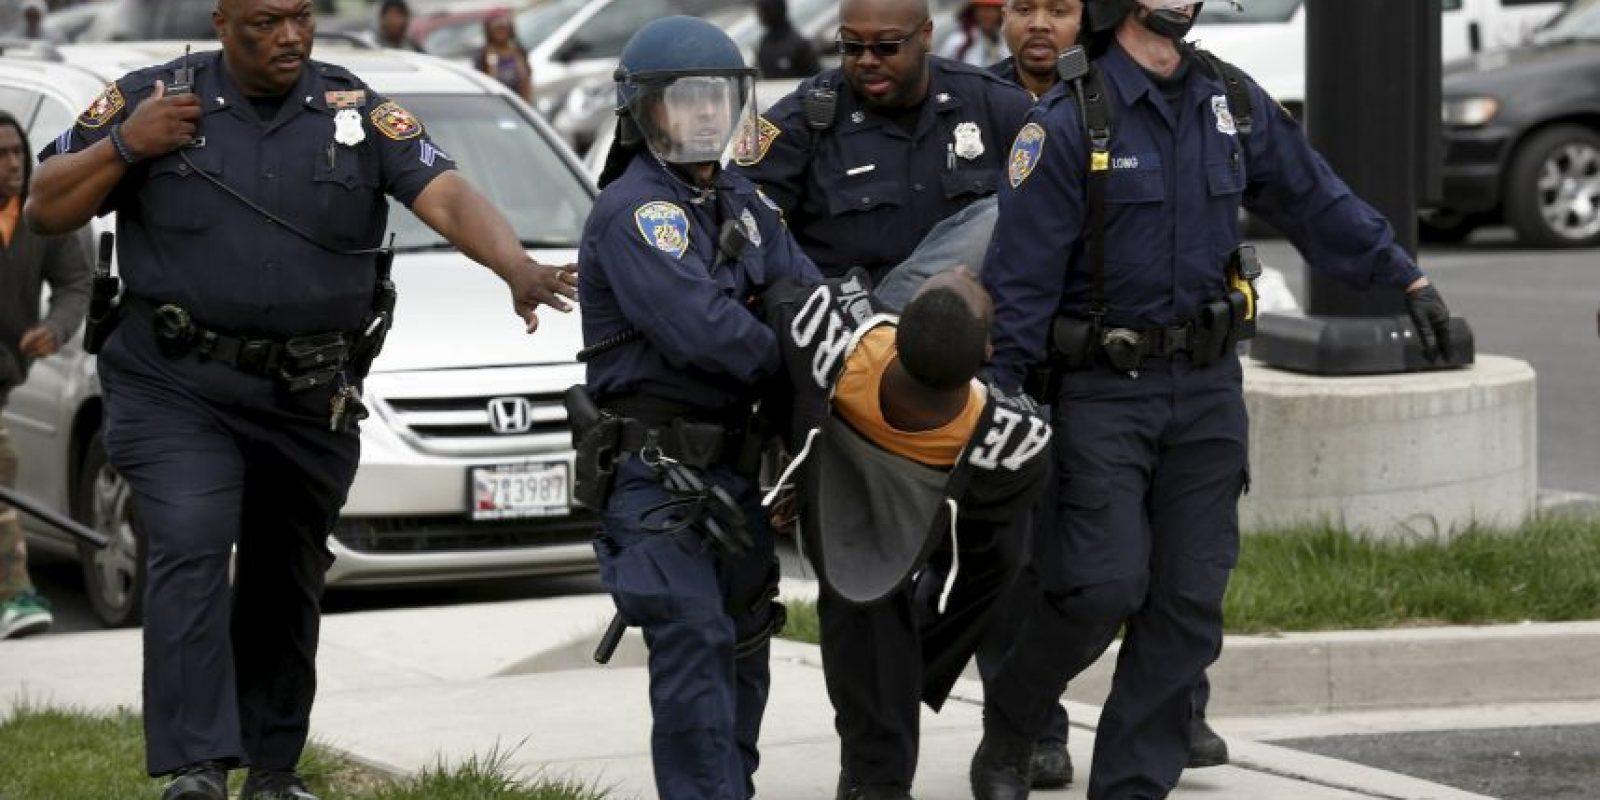 La muerte de Gray se produjo en un momento de gran tensión en el país entre los distintos cuerpos de Policía local y los miembros de la comunidad afroamericana, después de que durante los últimos meses hayan tenido lugar varios casos de abuso policial con resultados mortales. Foto:Getty Images